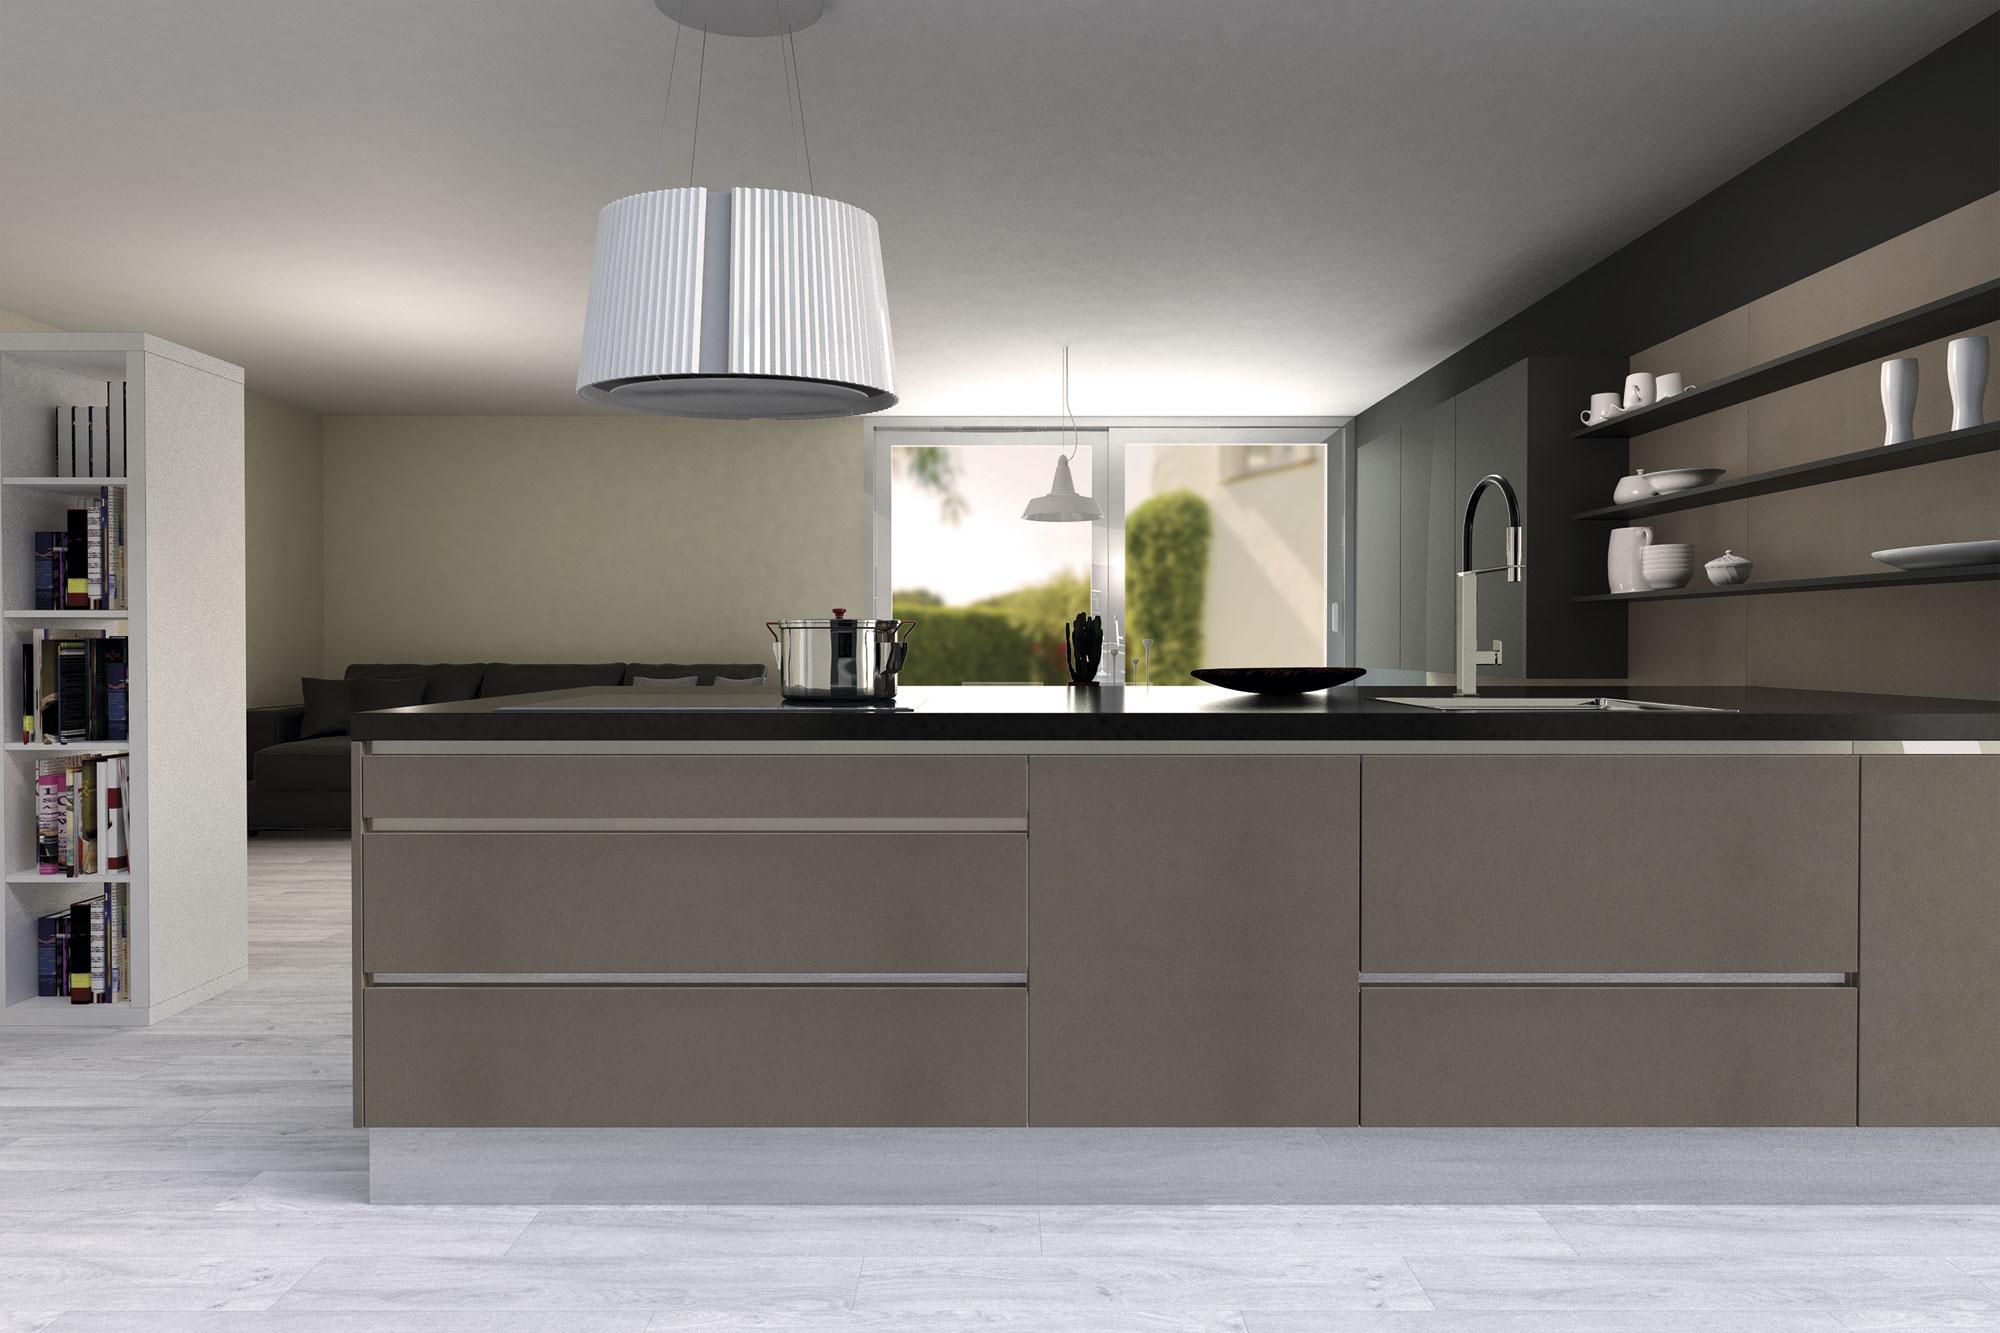 Muebles de cocina Disenove | Cocinas de estilo minimalista